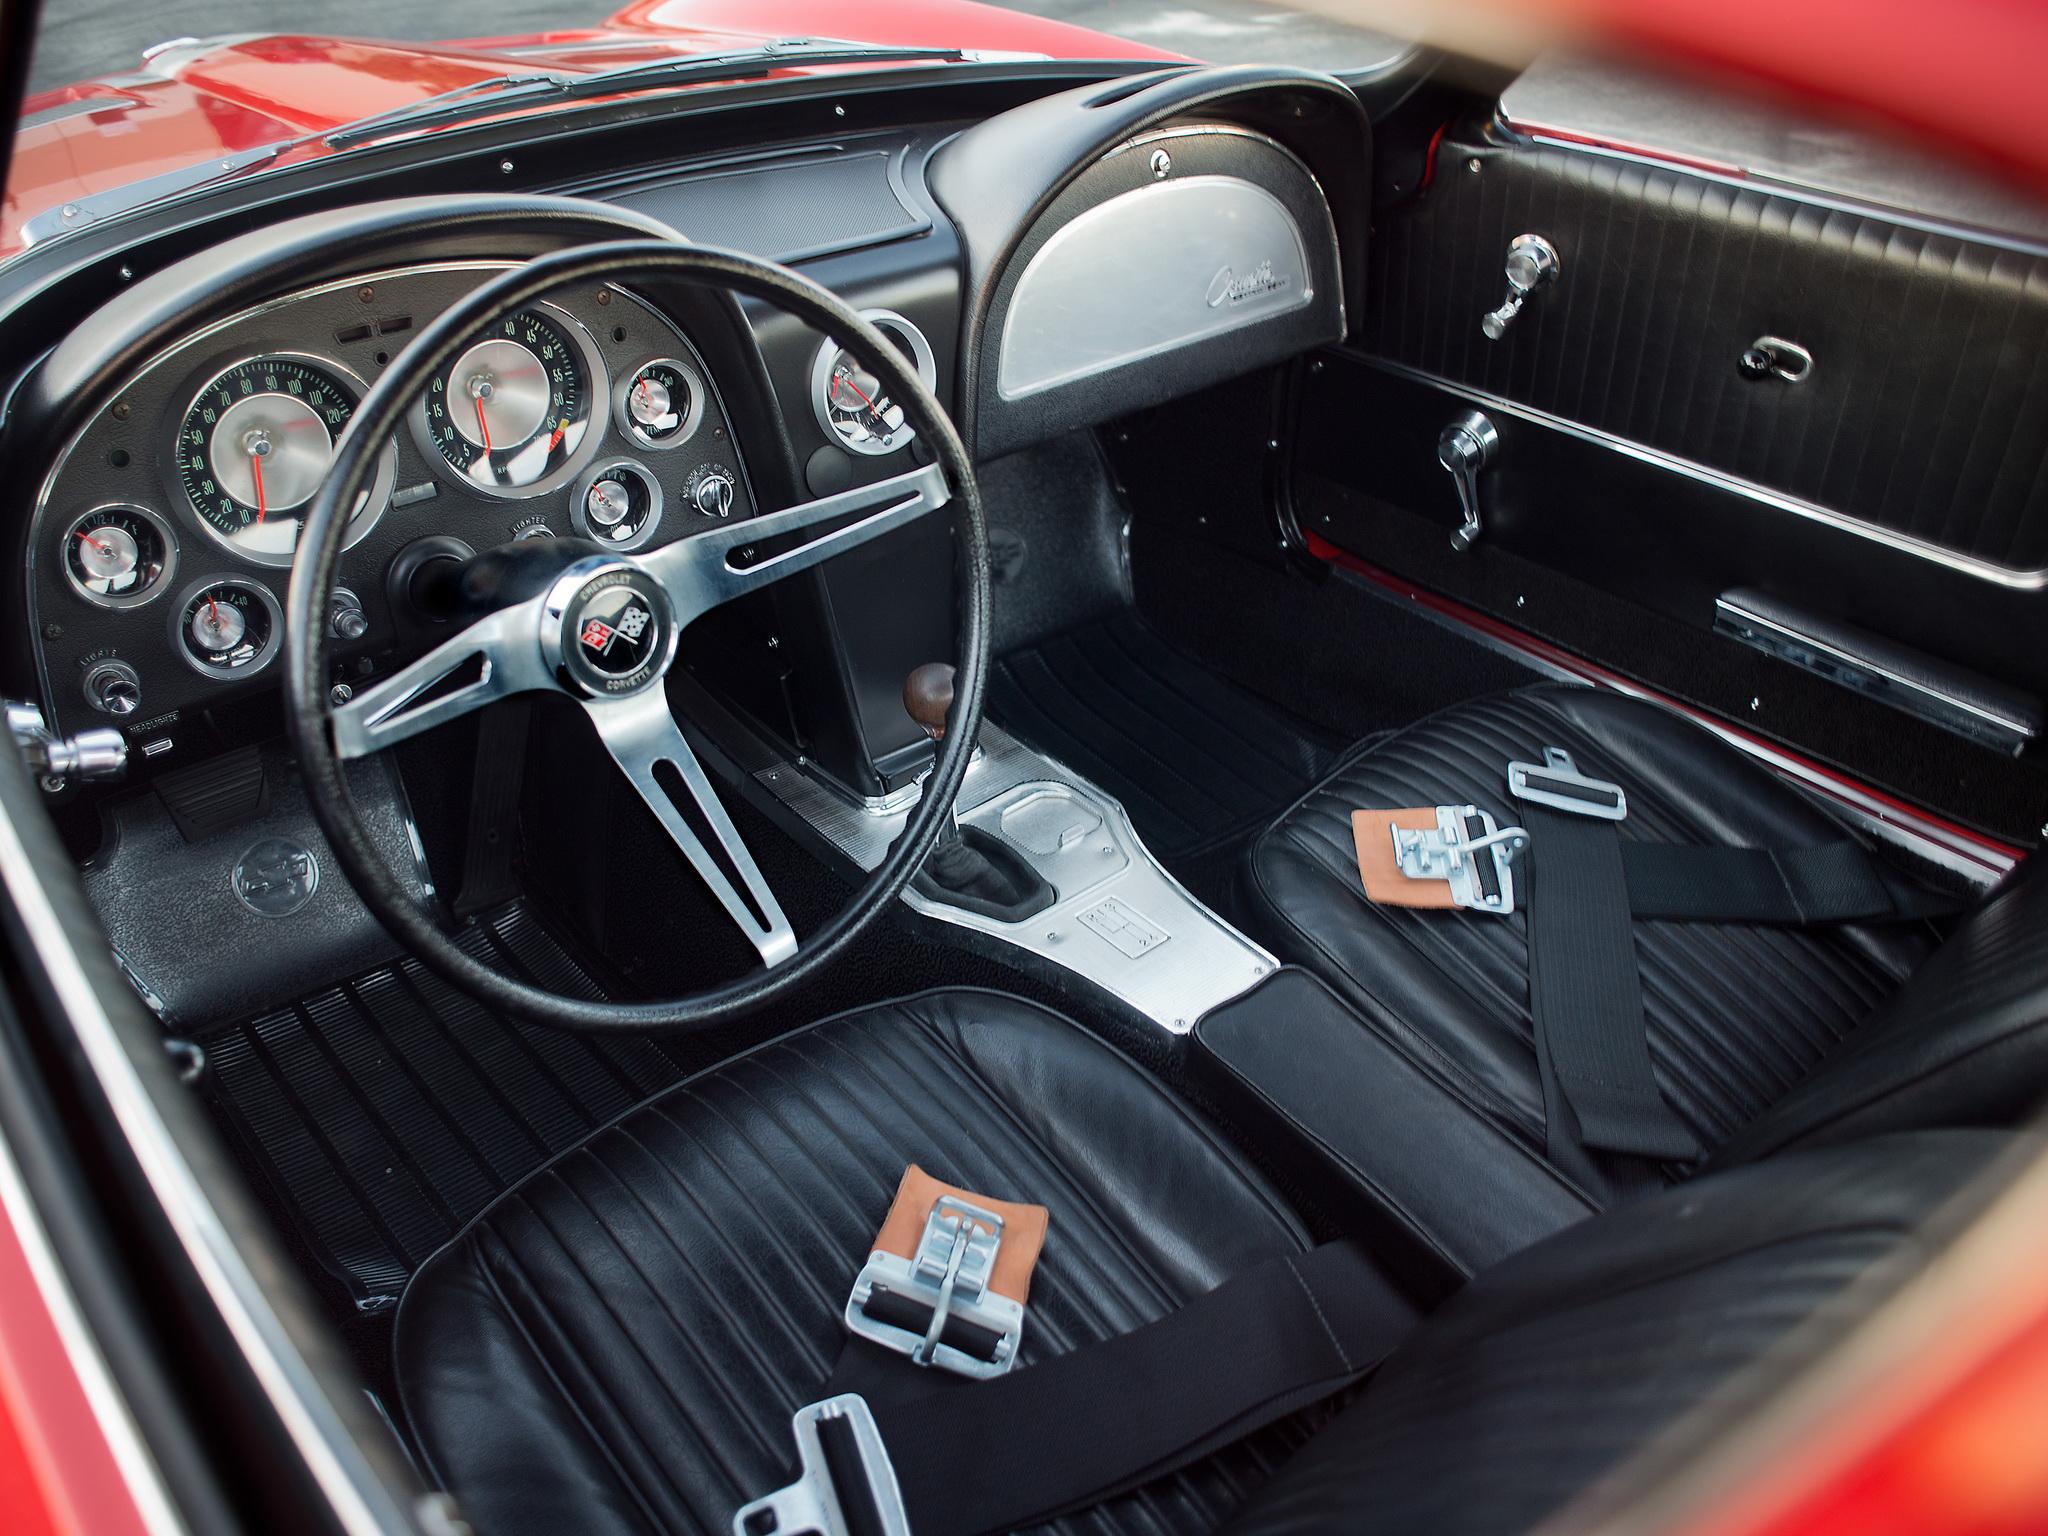 chevrolet corvette c7 wallpaper hd